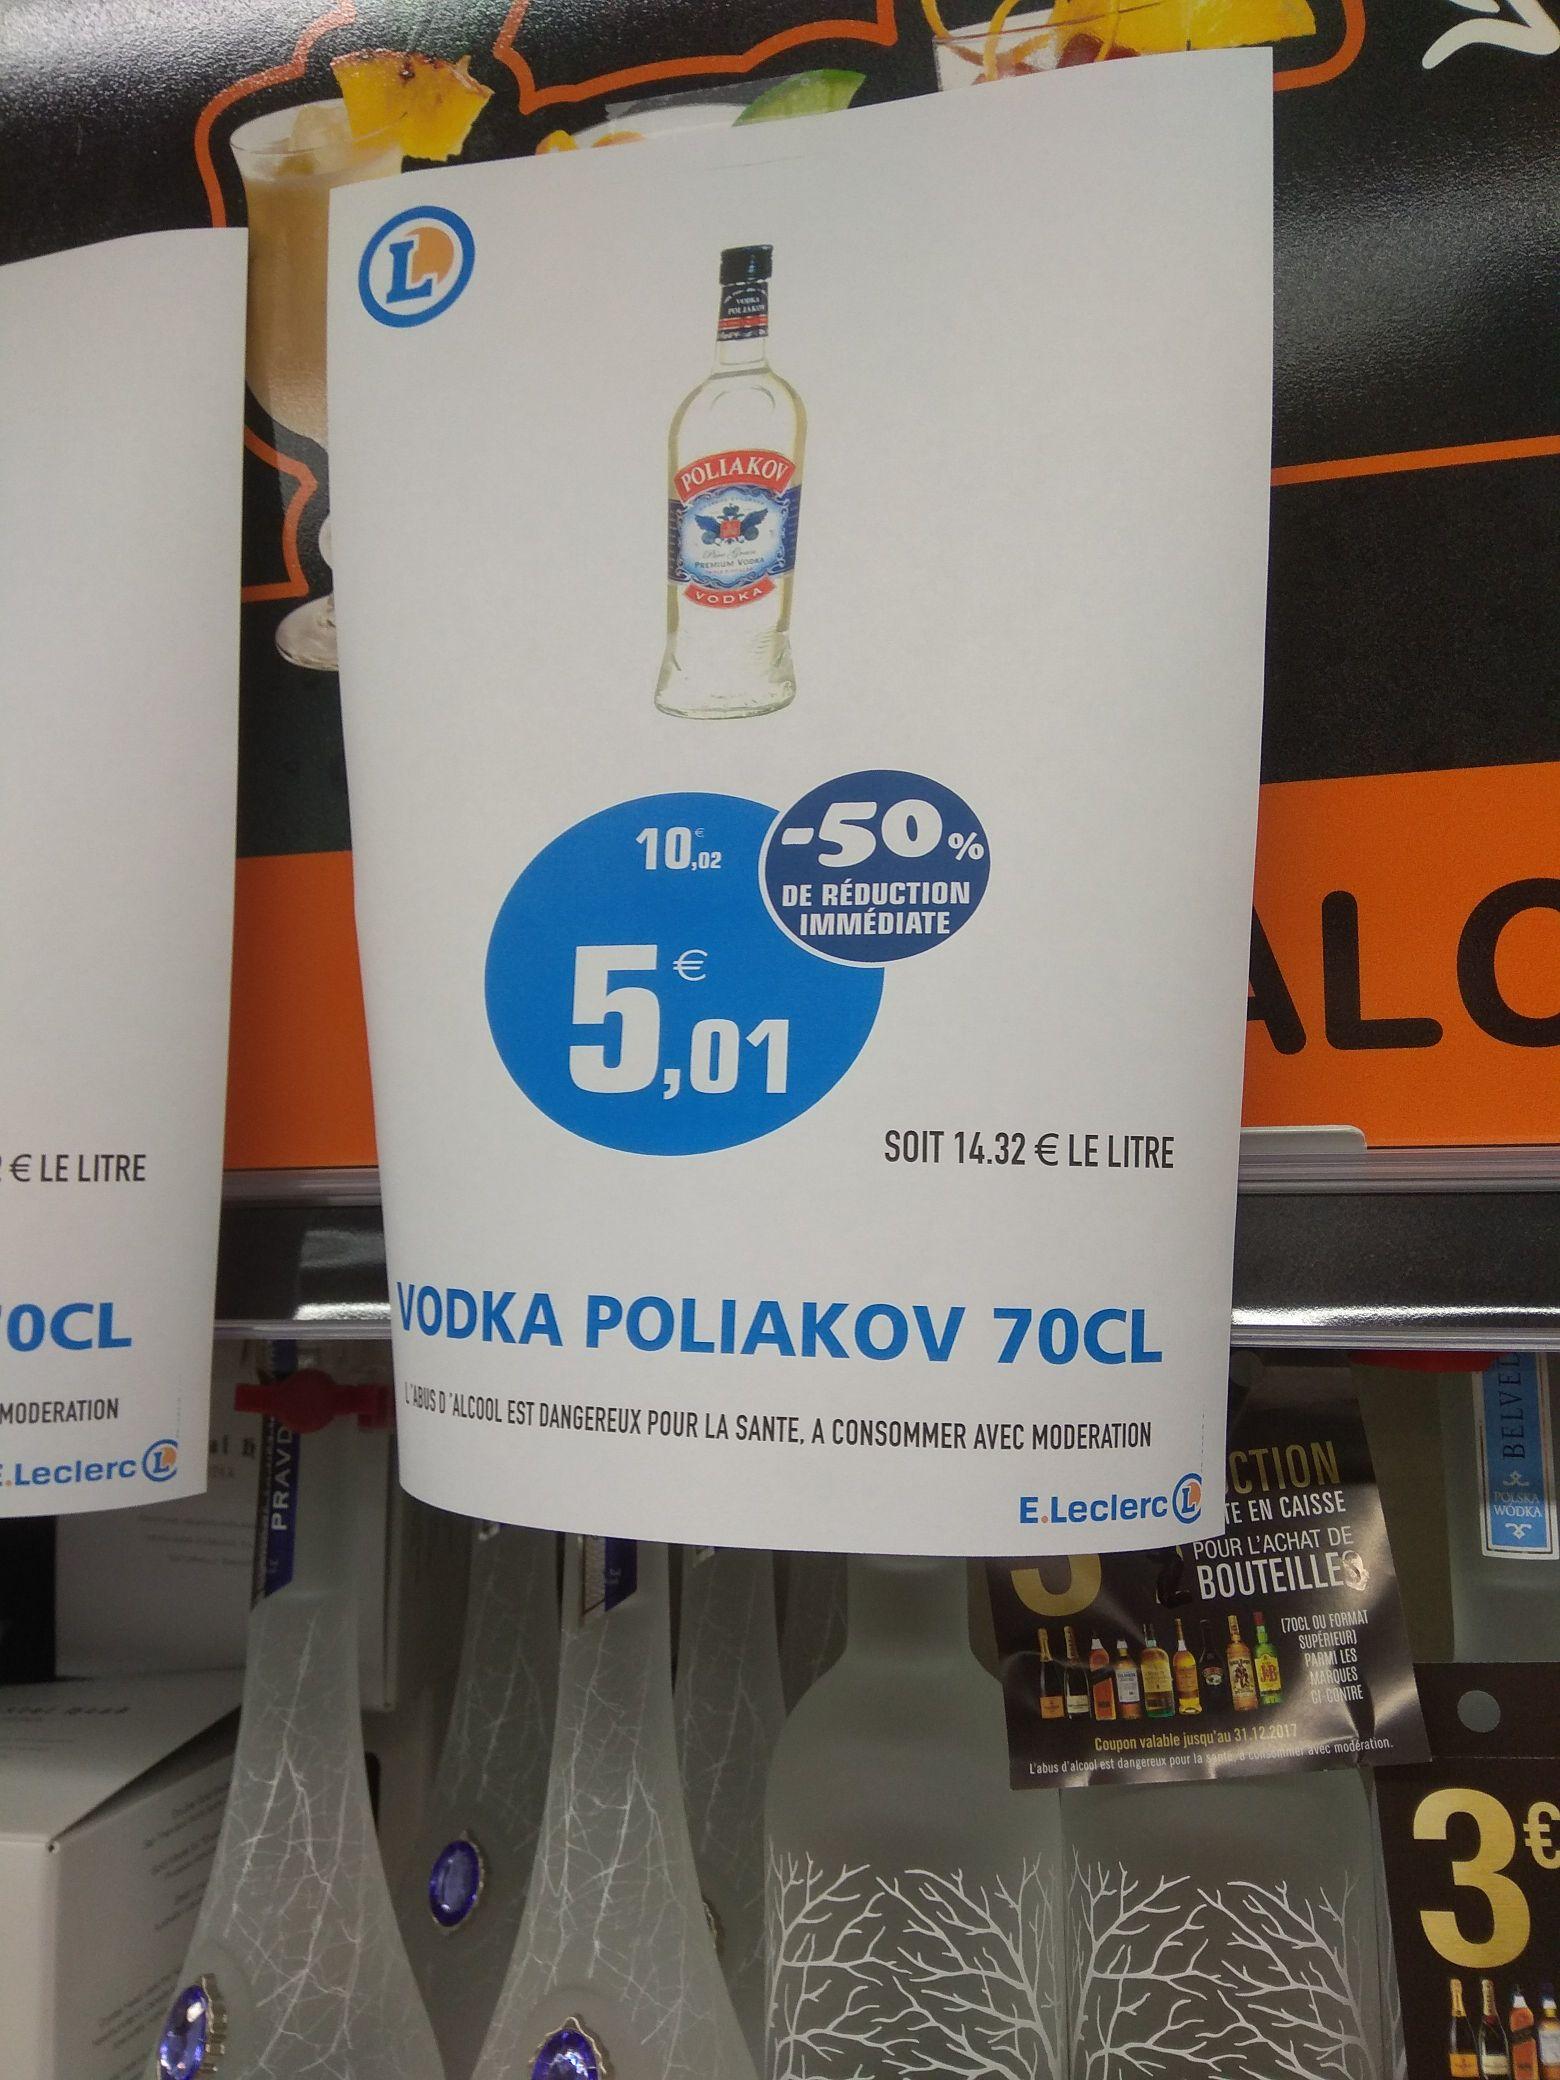 Bouteille de vodka Poliakov (70 cl) - Brest (29)